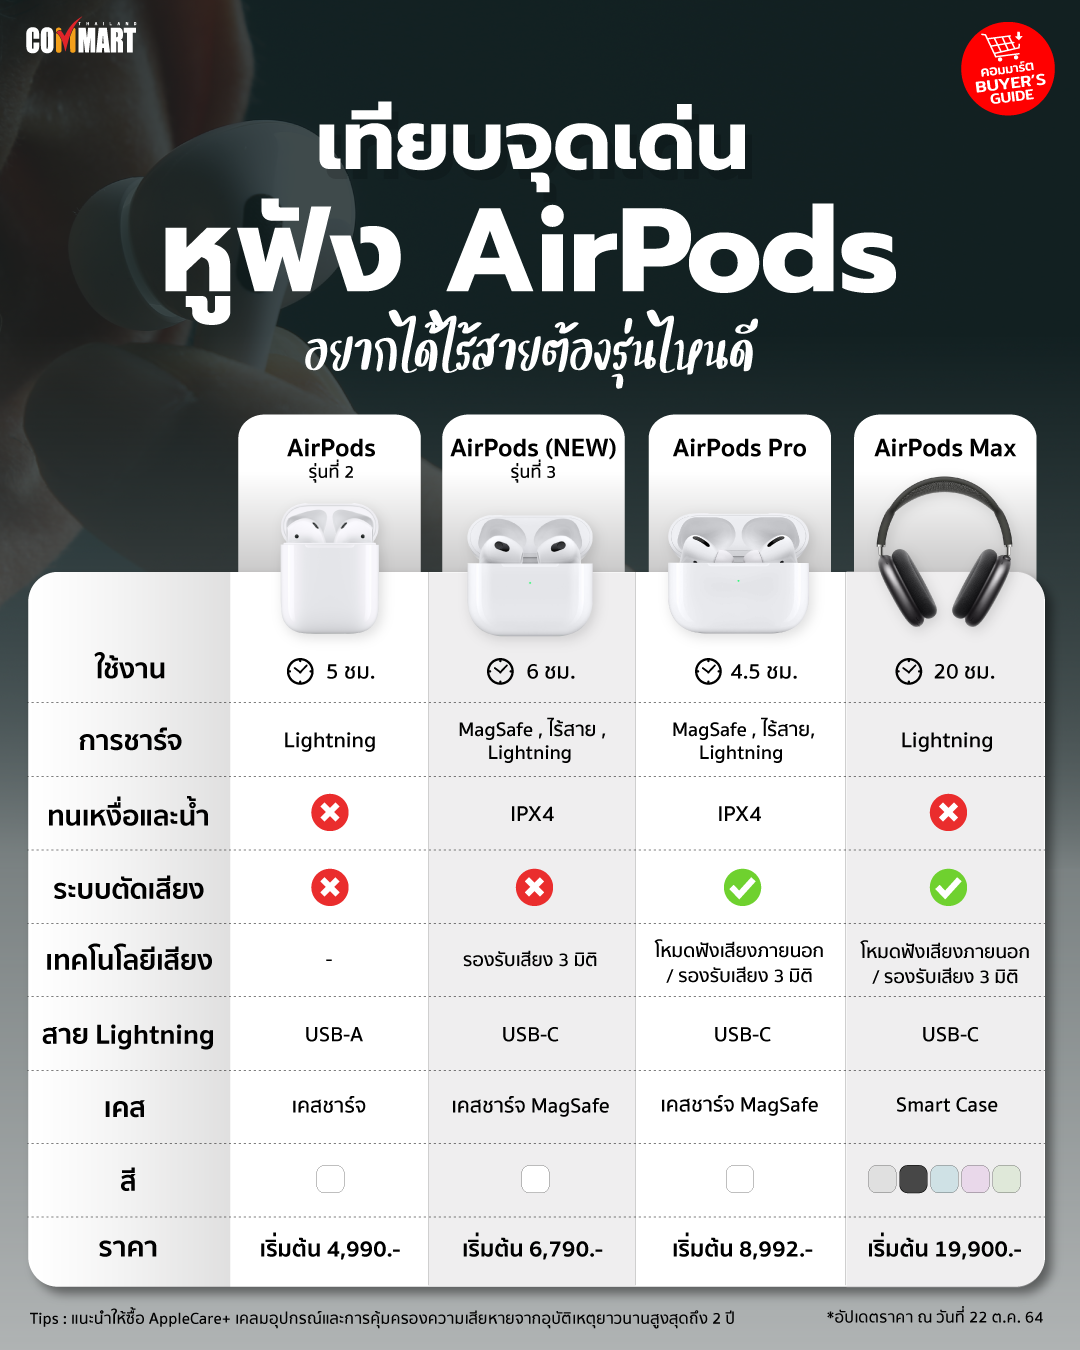 เทียบจุดเด่นหูฟัง AirPods อยากได้ไร้สายต้องรุ่นไหนดี